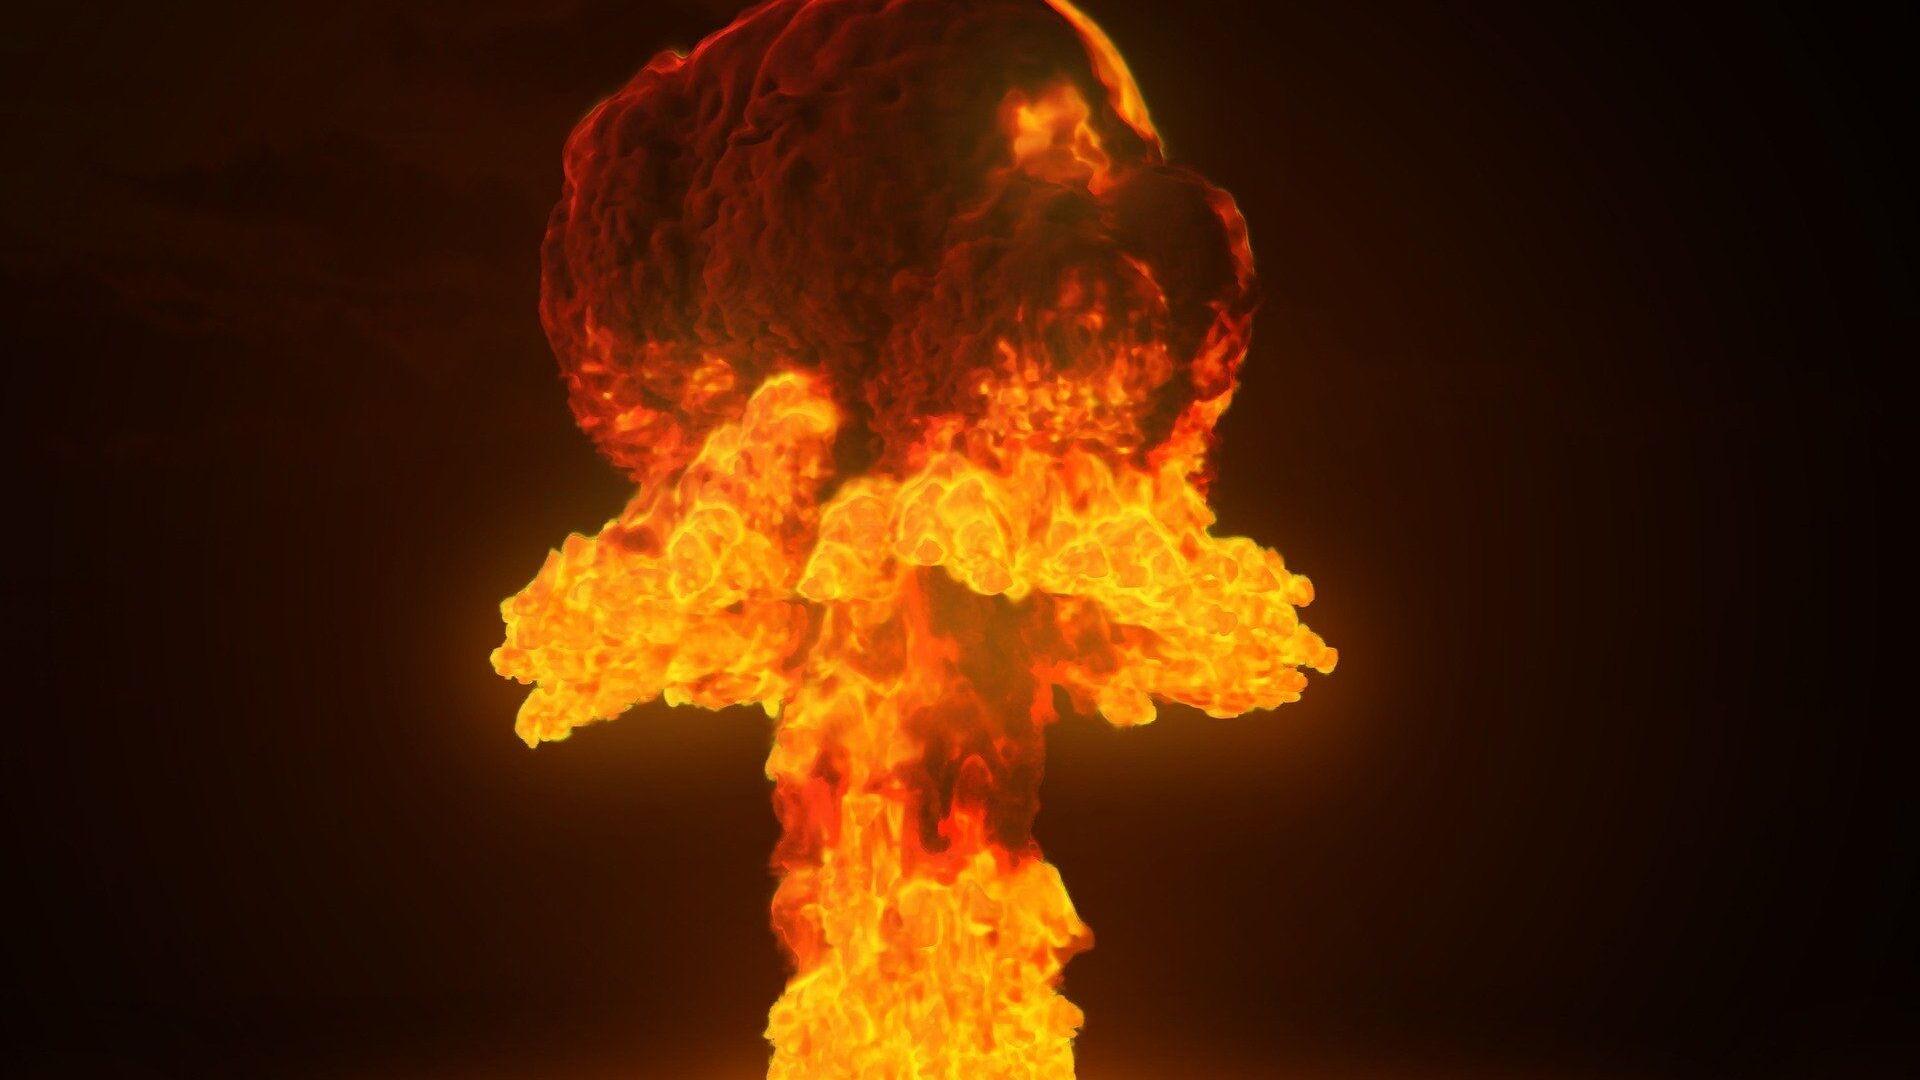 Una explosión de una bomba nuclear (imagen referencial) - Sputnik Mundo, 1920, 19.02.2021